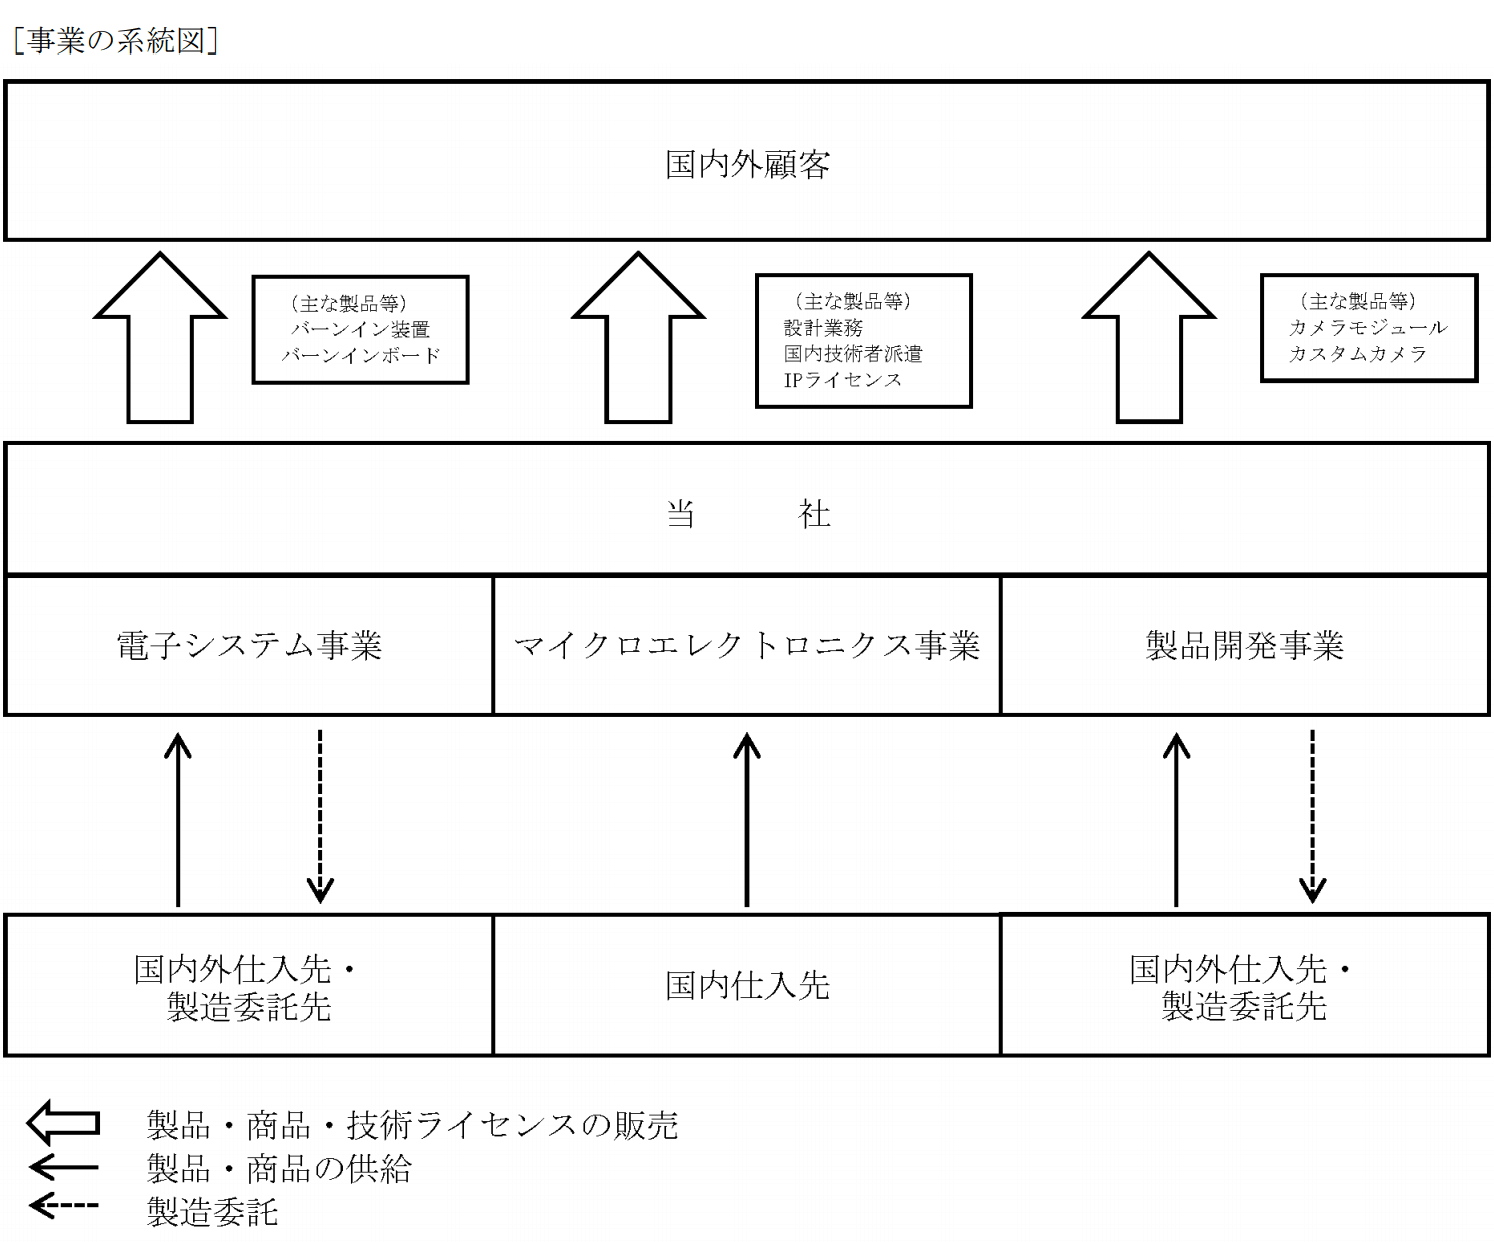 シキノハイテックの事業系統図